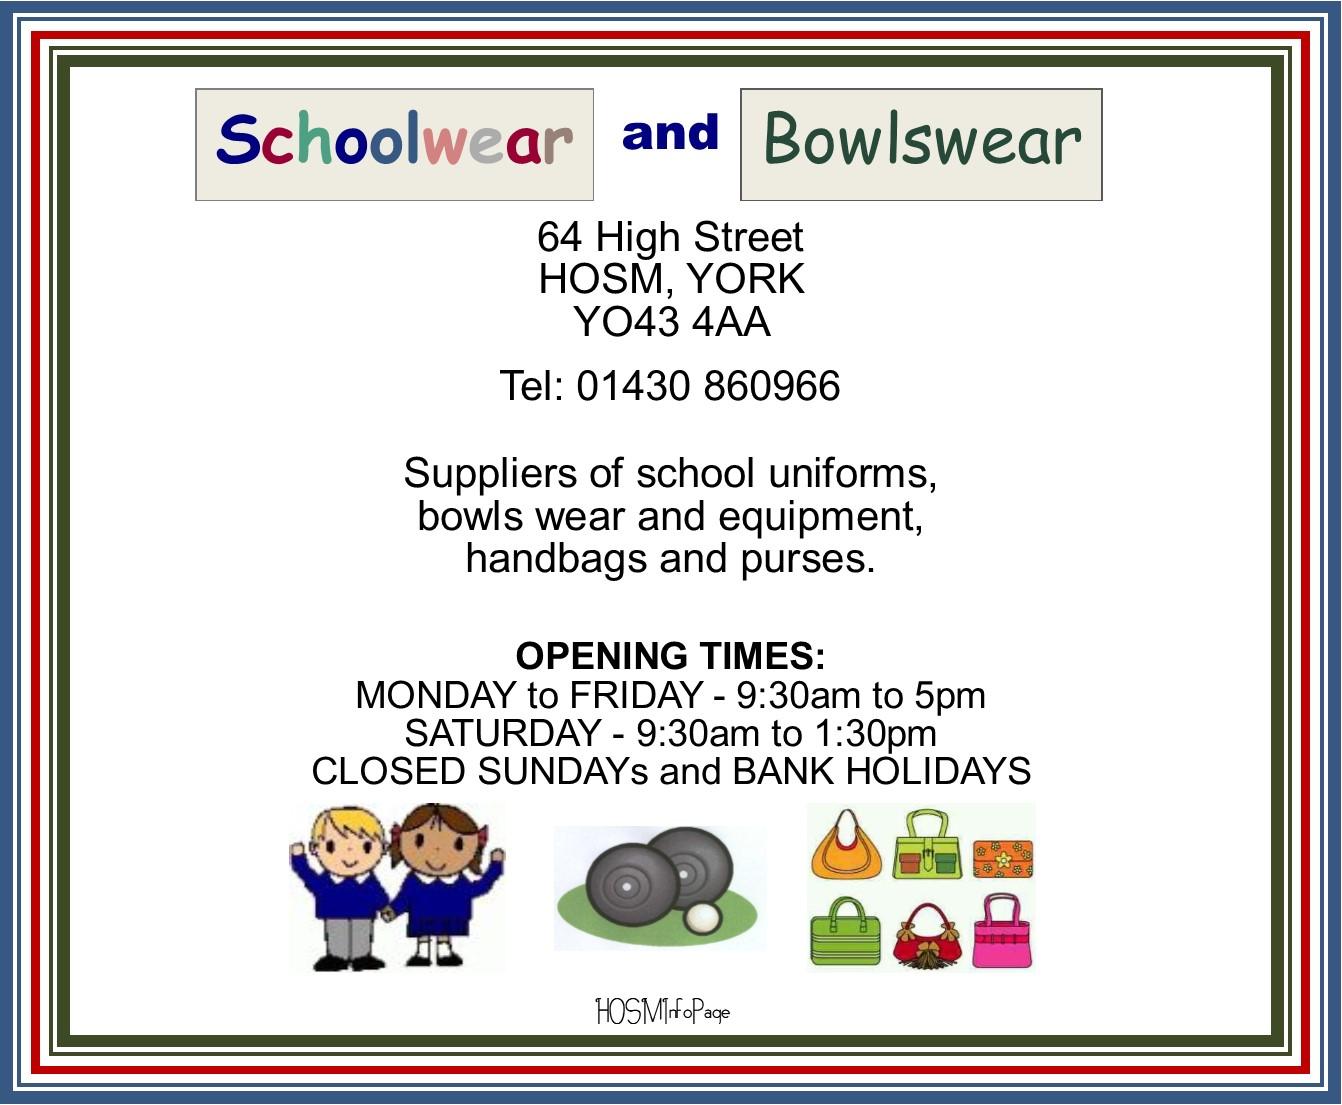 Schoolwear & Bowlswear